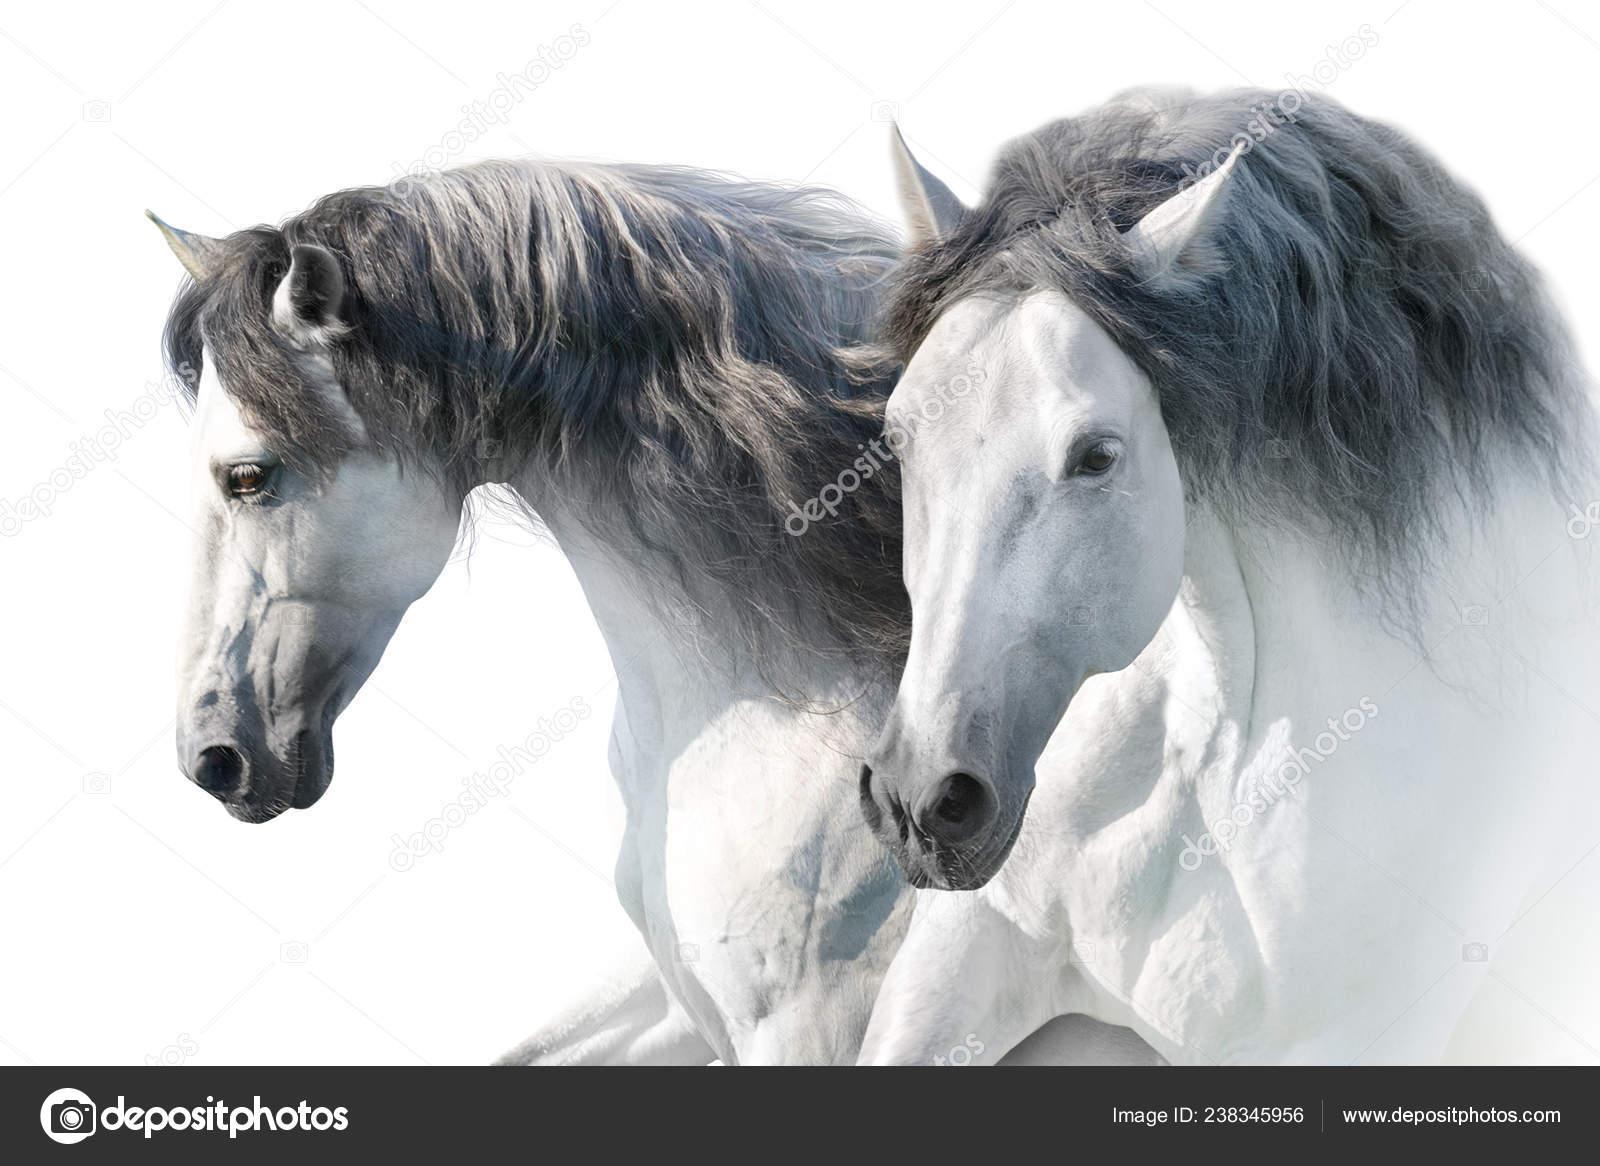 Two White Andalusian Horse Portrait White Background High Key Image Stock Photo C Kwadrat70 238345956